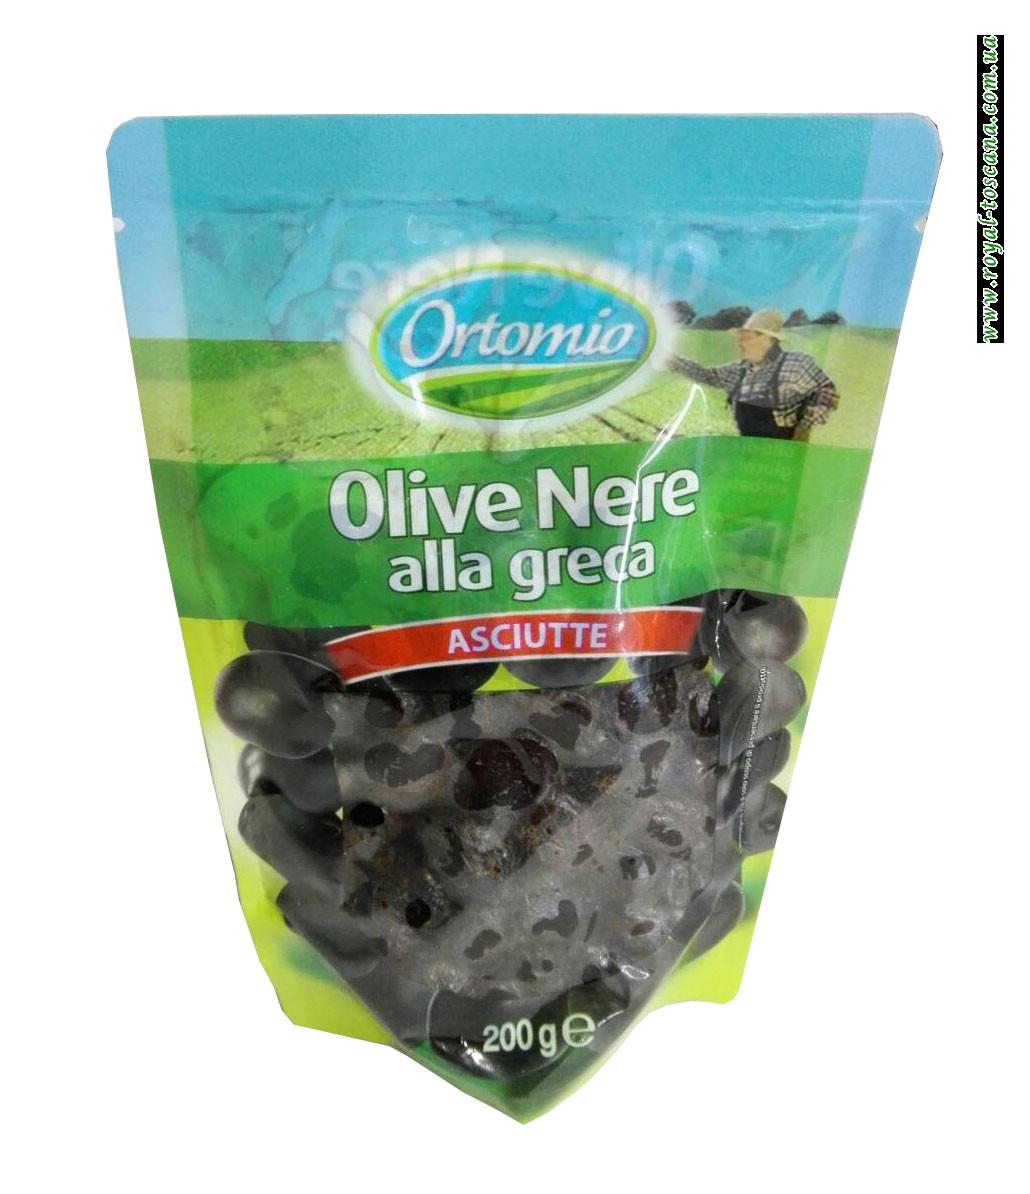 Вяленые черные оливки Ortomio